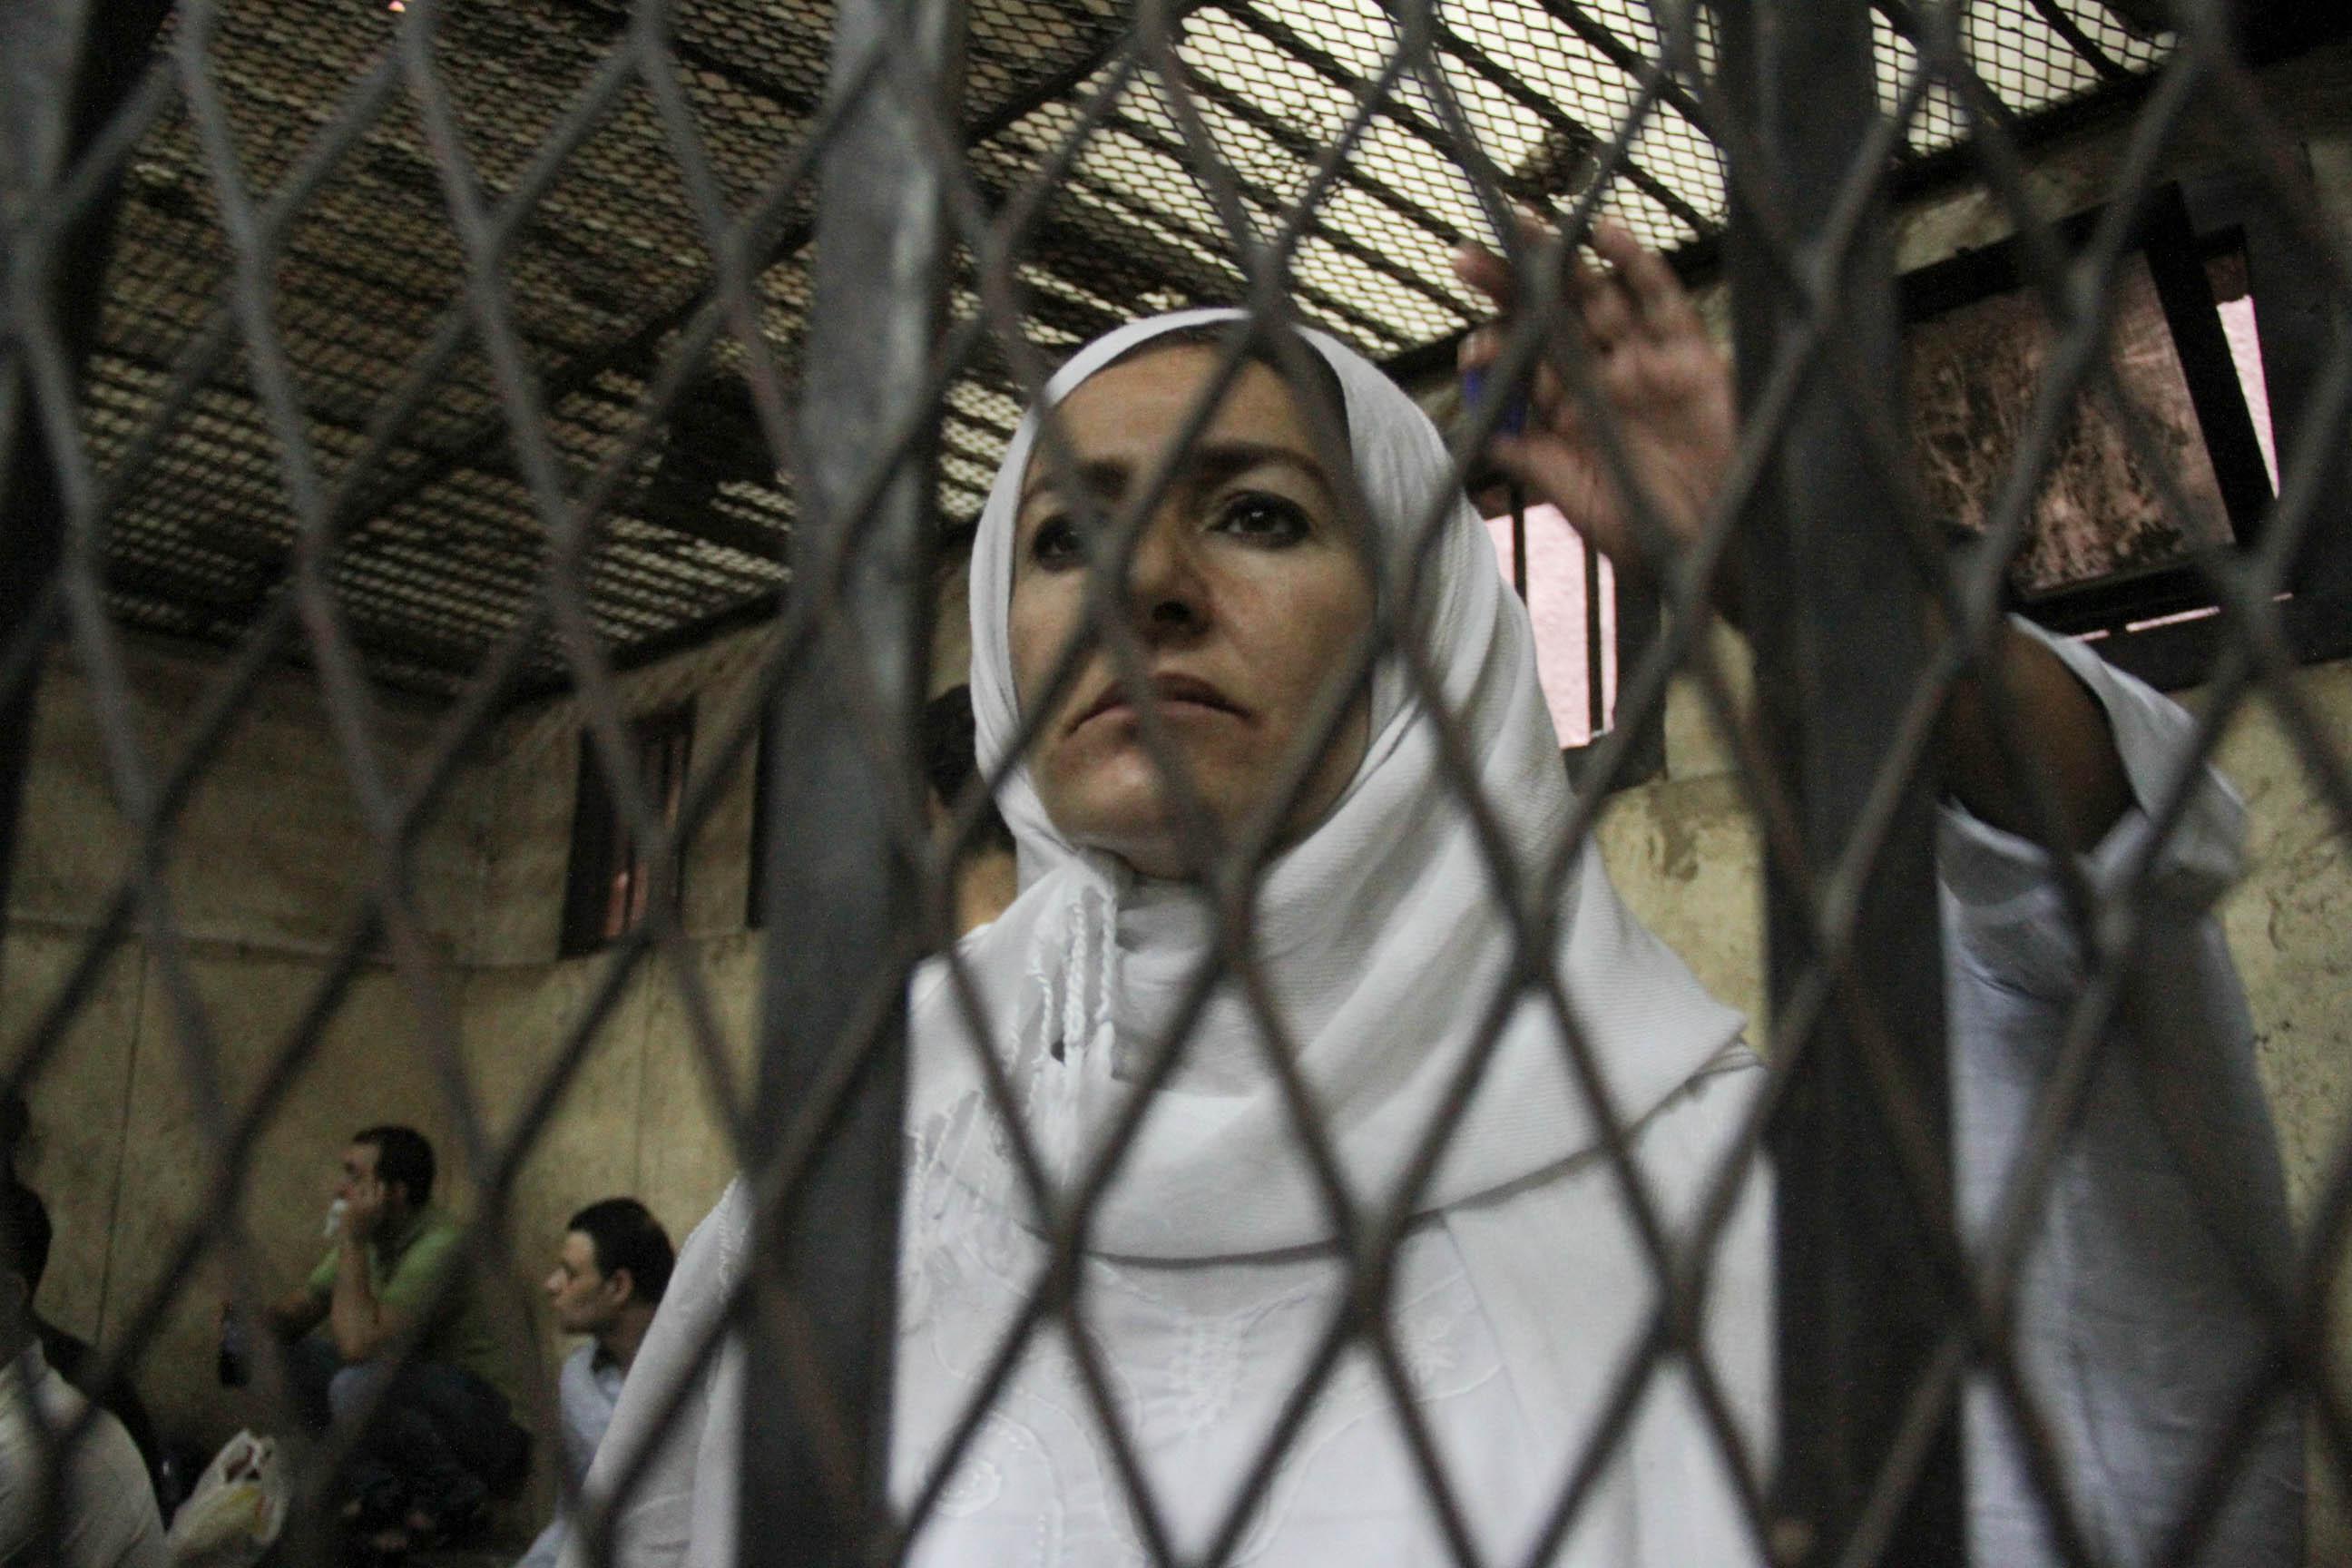 «النقض» تقضي بإلغاء سجن «ياسمين النرش» في «حيازة مخدرات» وإعادة محاكمتها